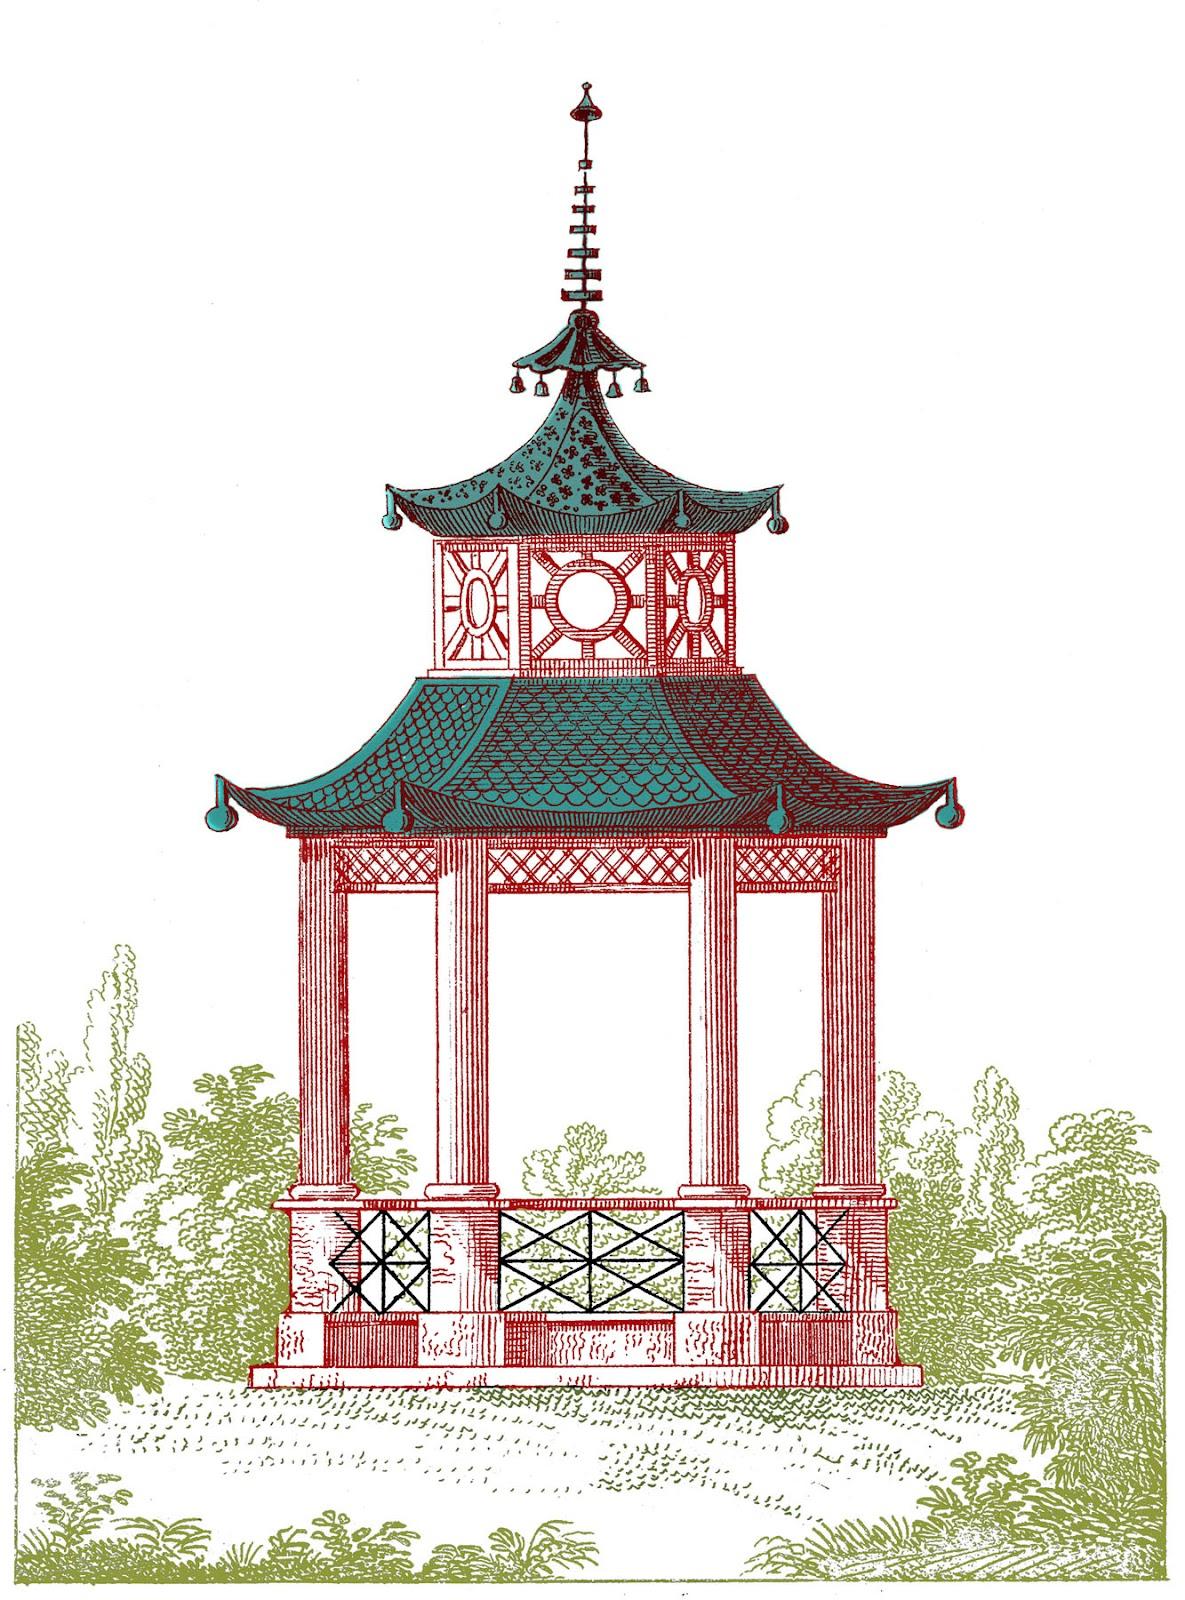 Antique Garden Graphic - Beautiful Pagoda Gazebo - The Graphics Fairy: thegraphicsfairy.com/antique-garden-graphic-beautiful-pagoda-gazebo